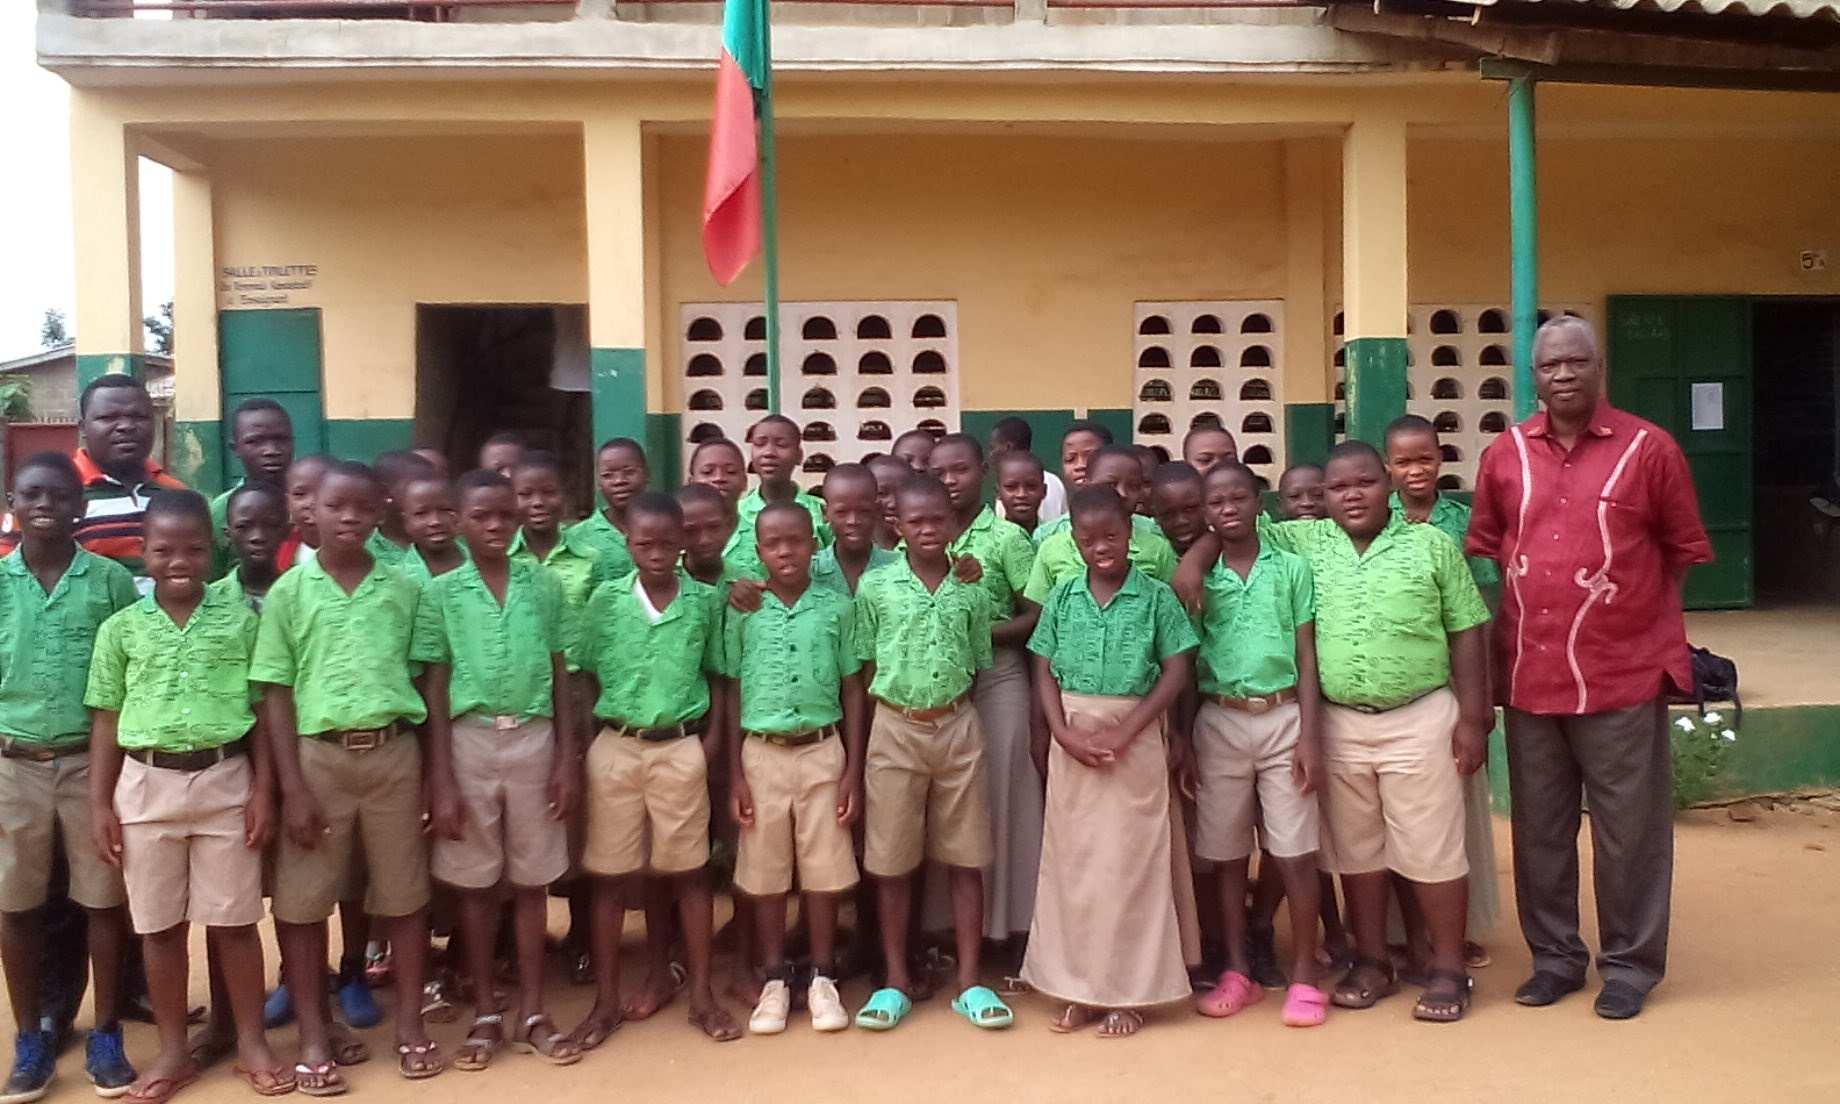 Le son d'Enfants: les élèves du Collège de l'Espoir